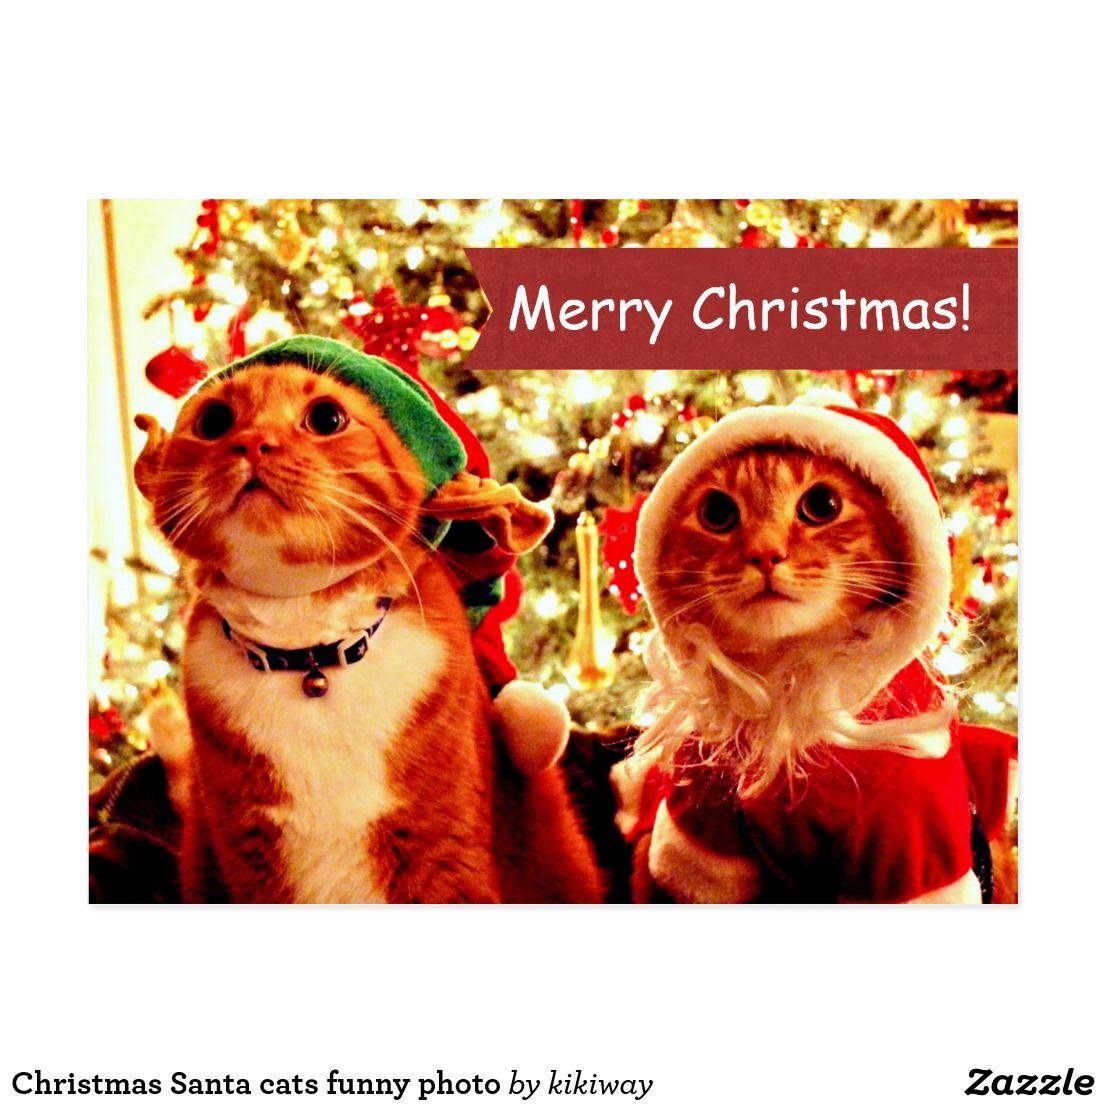 Christmas Santa cats funny photo Holiday Postcard   Zazzle.com